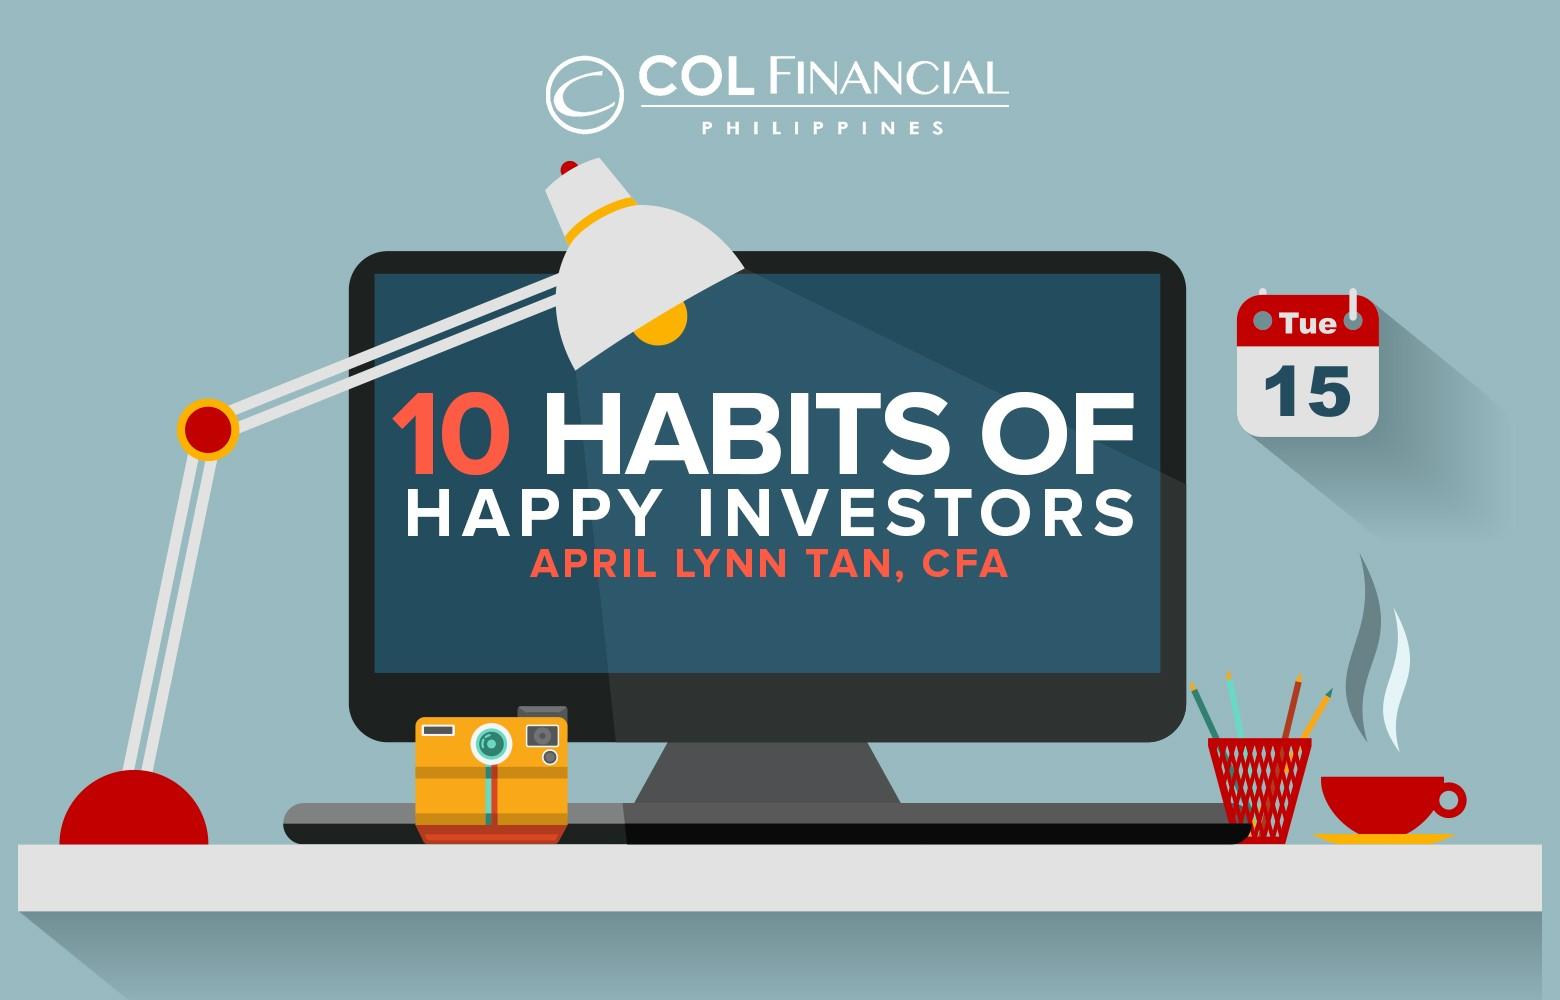 10 habits of happy investors col financial april lynn tan